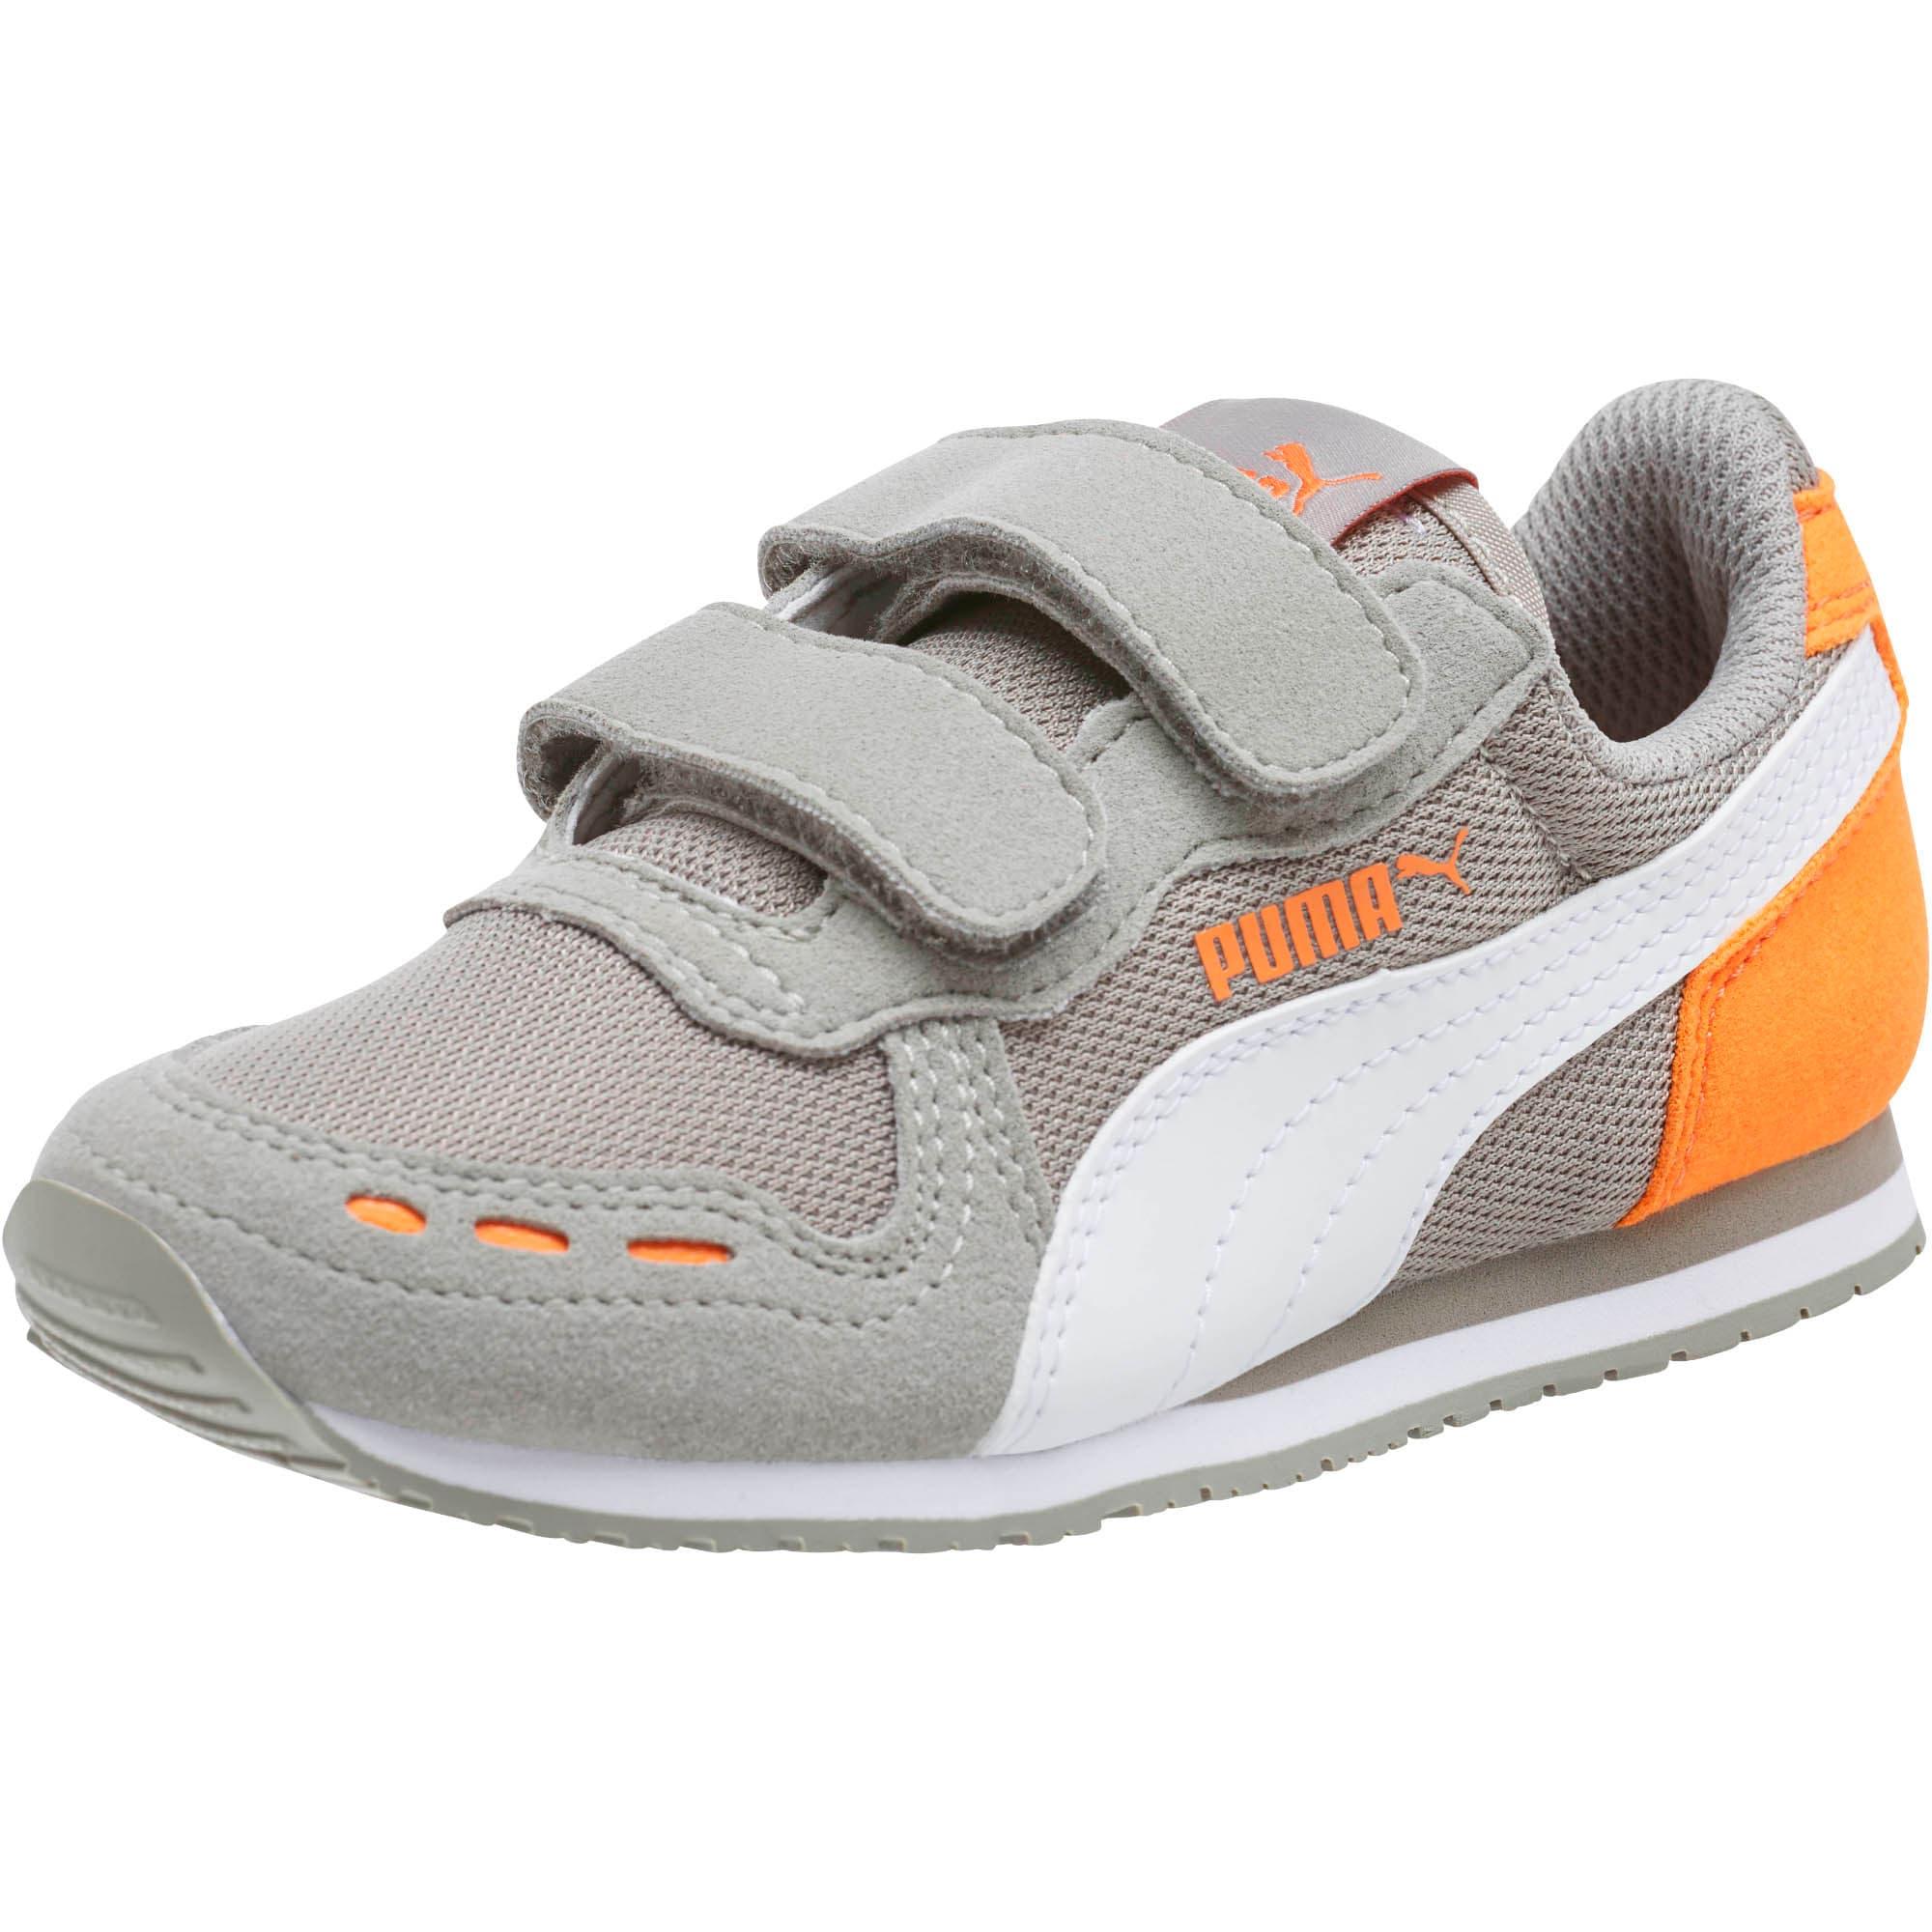 Thumbnail 1 of Cabana Racer Mesh AC Little Kids' Shoes, Rock Ridge-White-Vibrant, medium